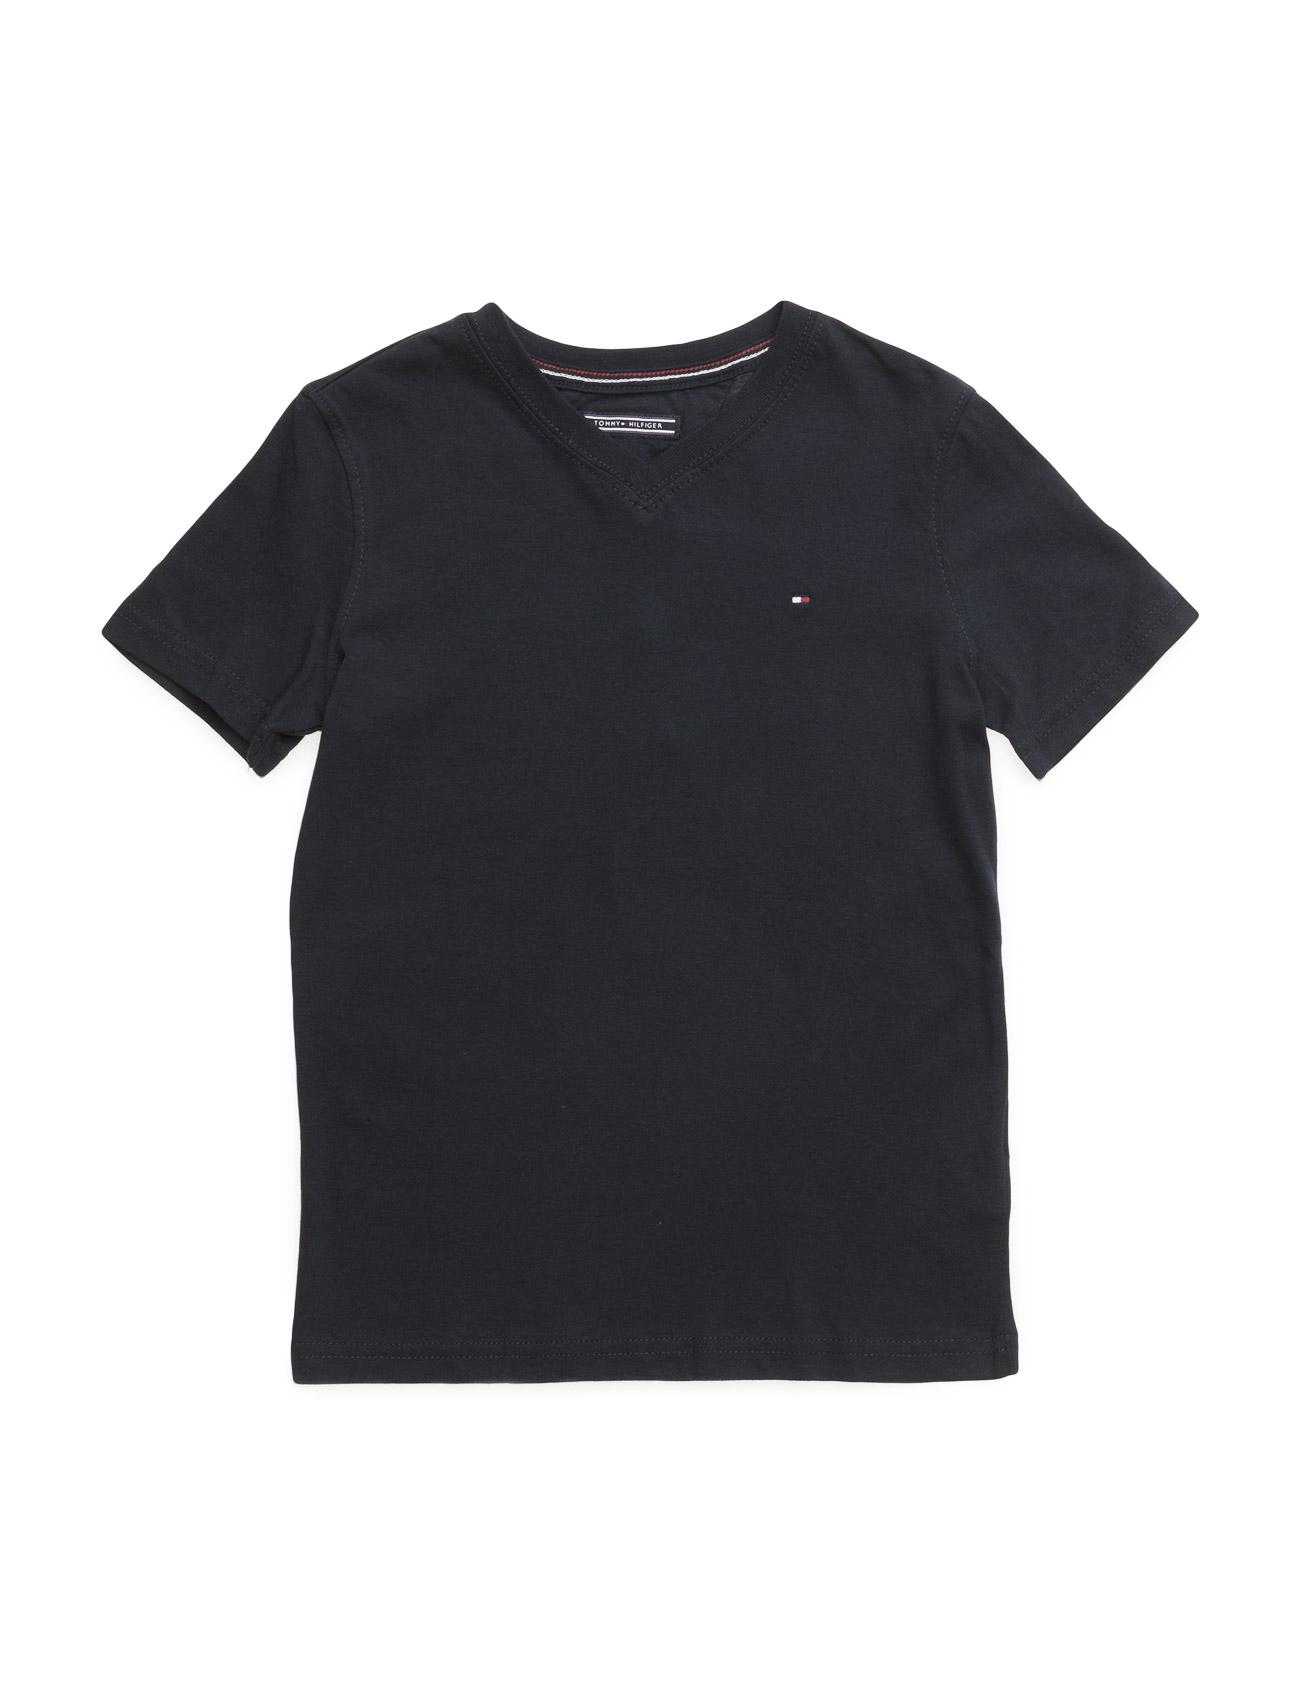 Original Vn Tee S/S. Tommy Hilfiger Kortærmede t-shirts til Børn i Blå